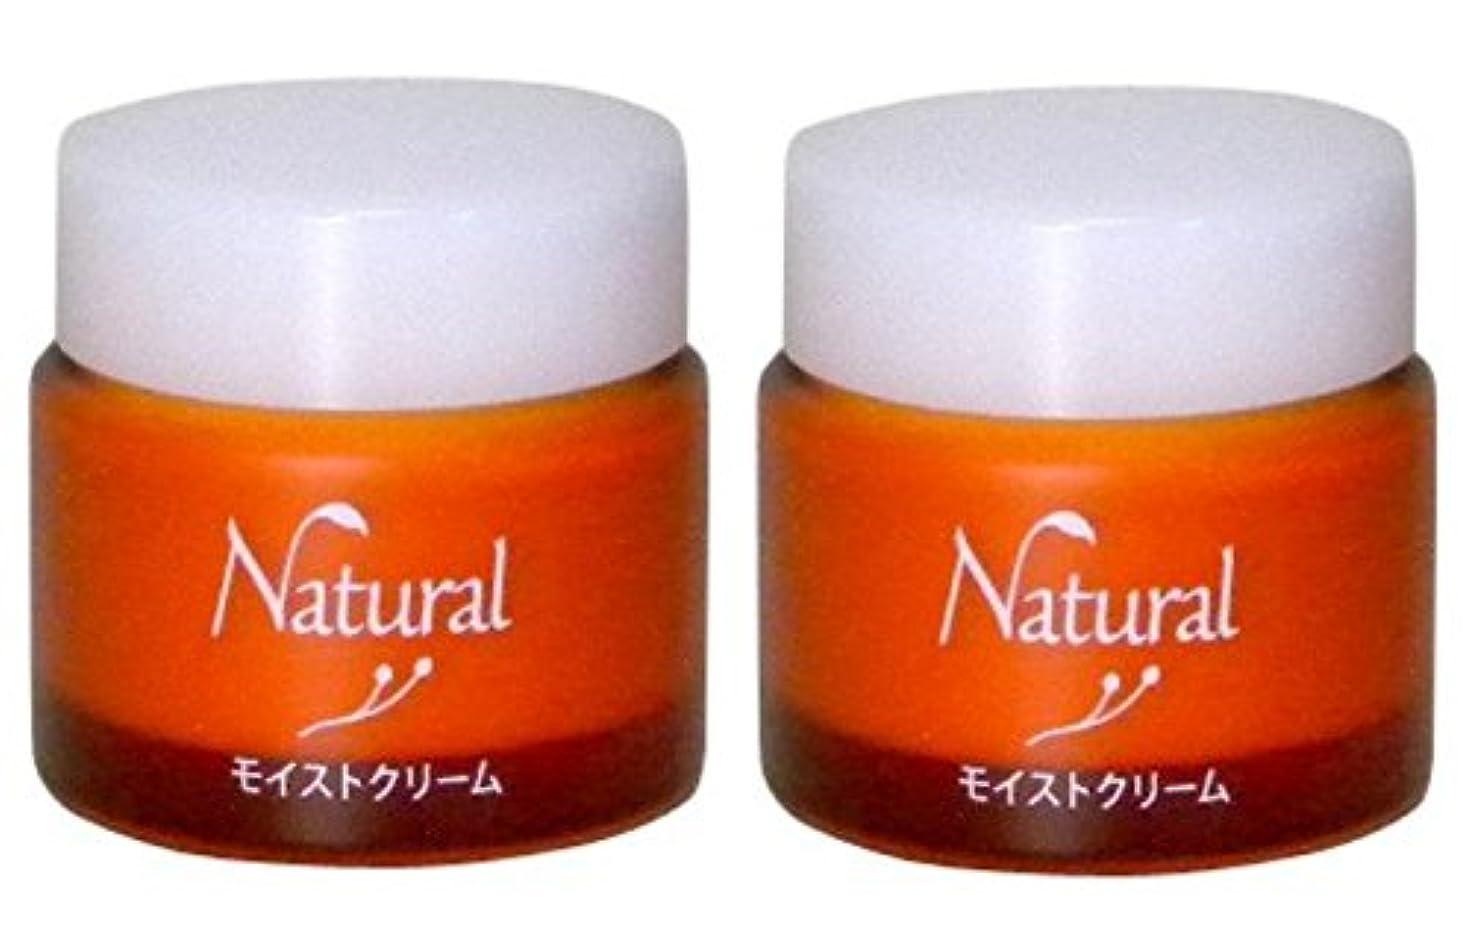 ケント裏切り者廃棄するハイム ナチュラル モイストクリーム 30g(保湿クリーム) X2個セット